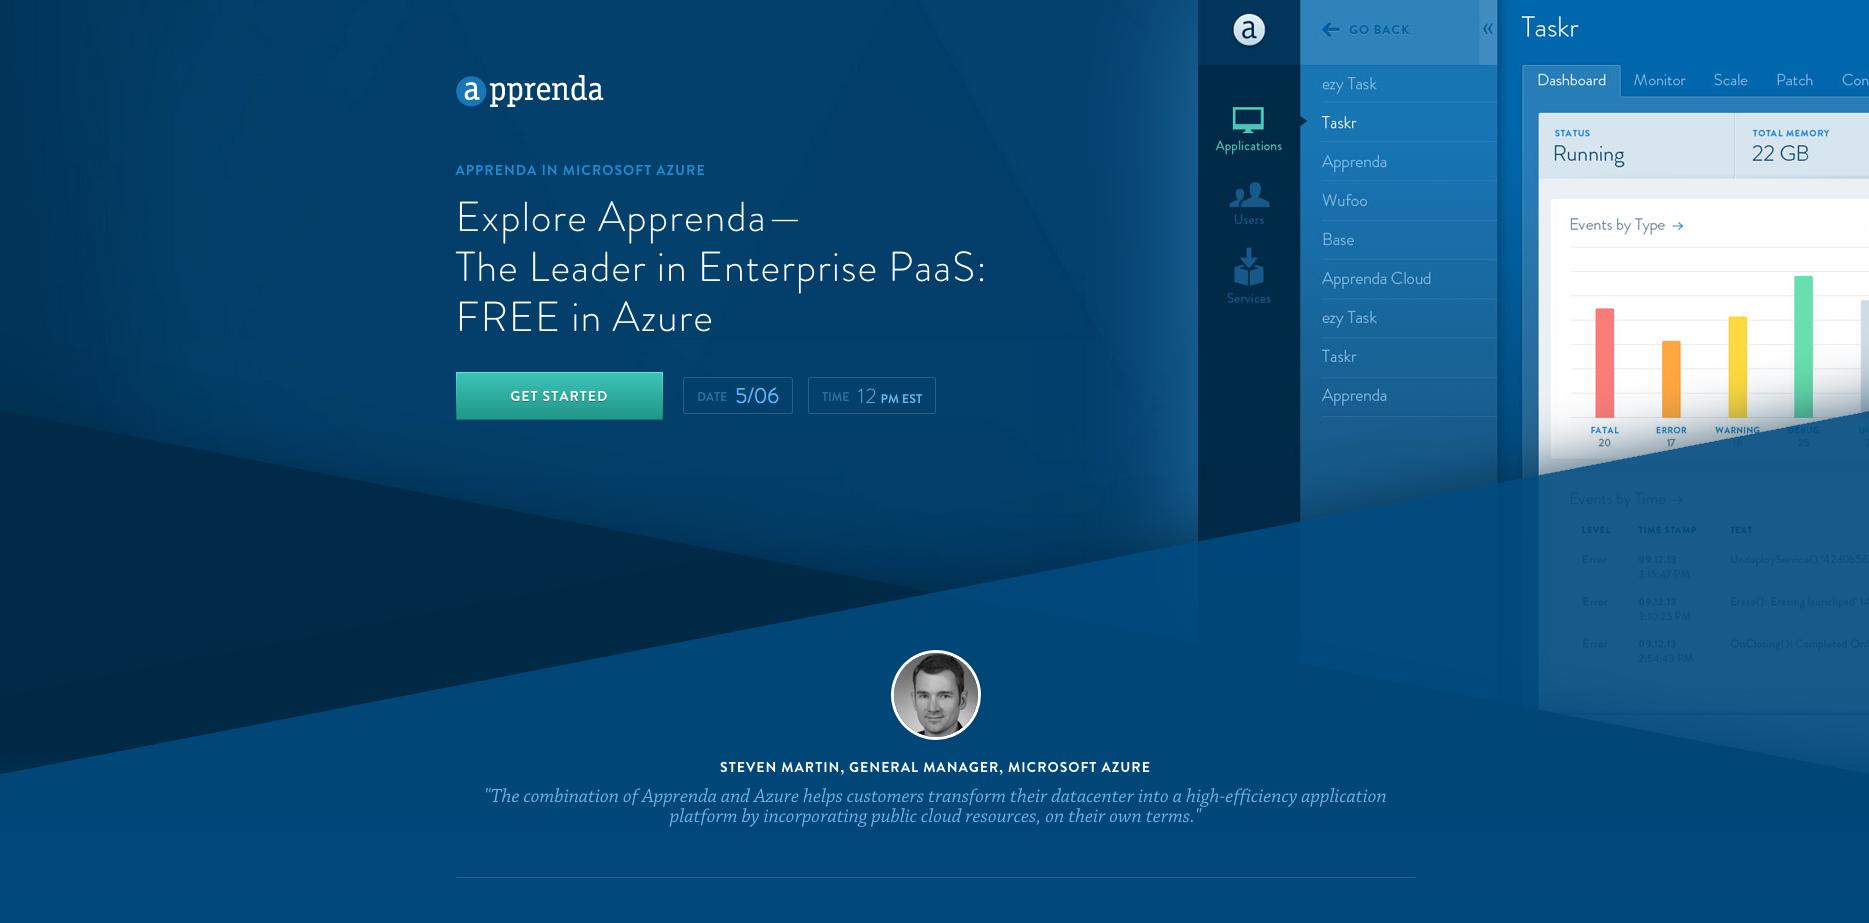 Apprenda in Microsoft Azure Apprenda Digital